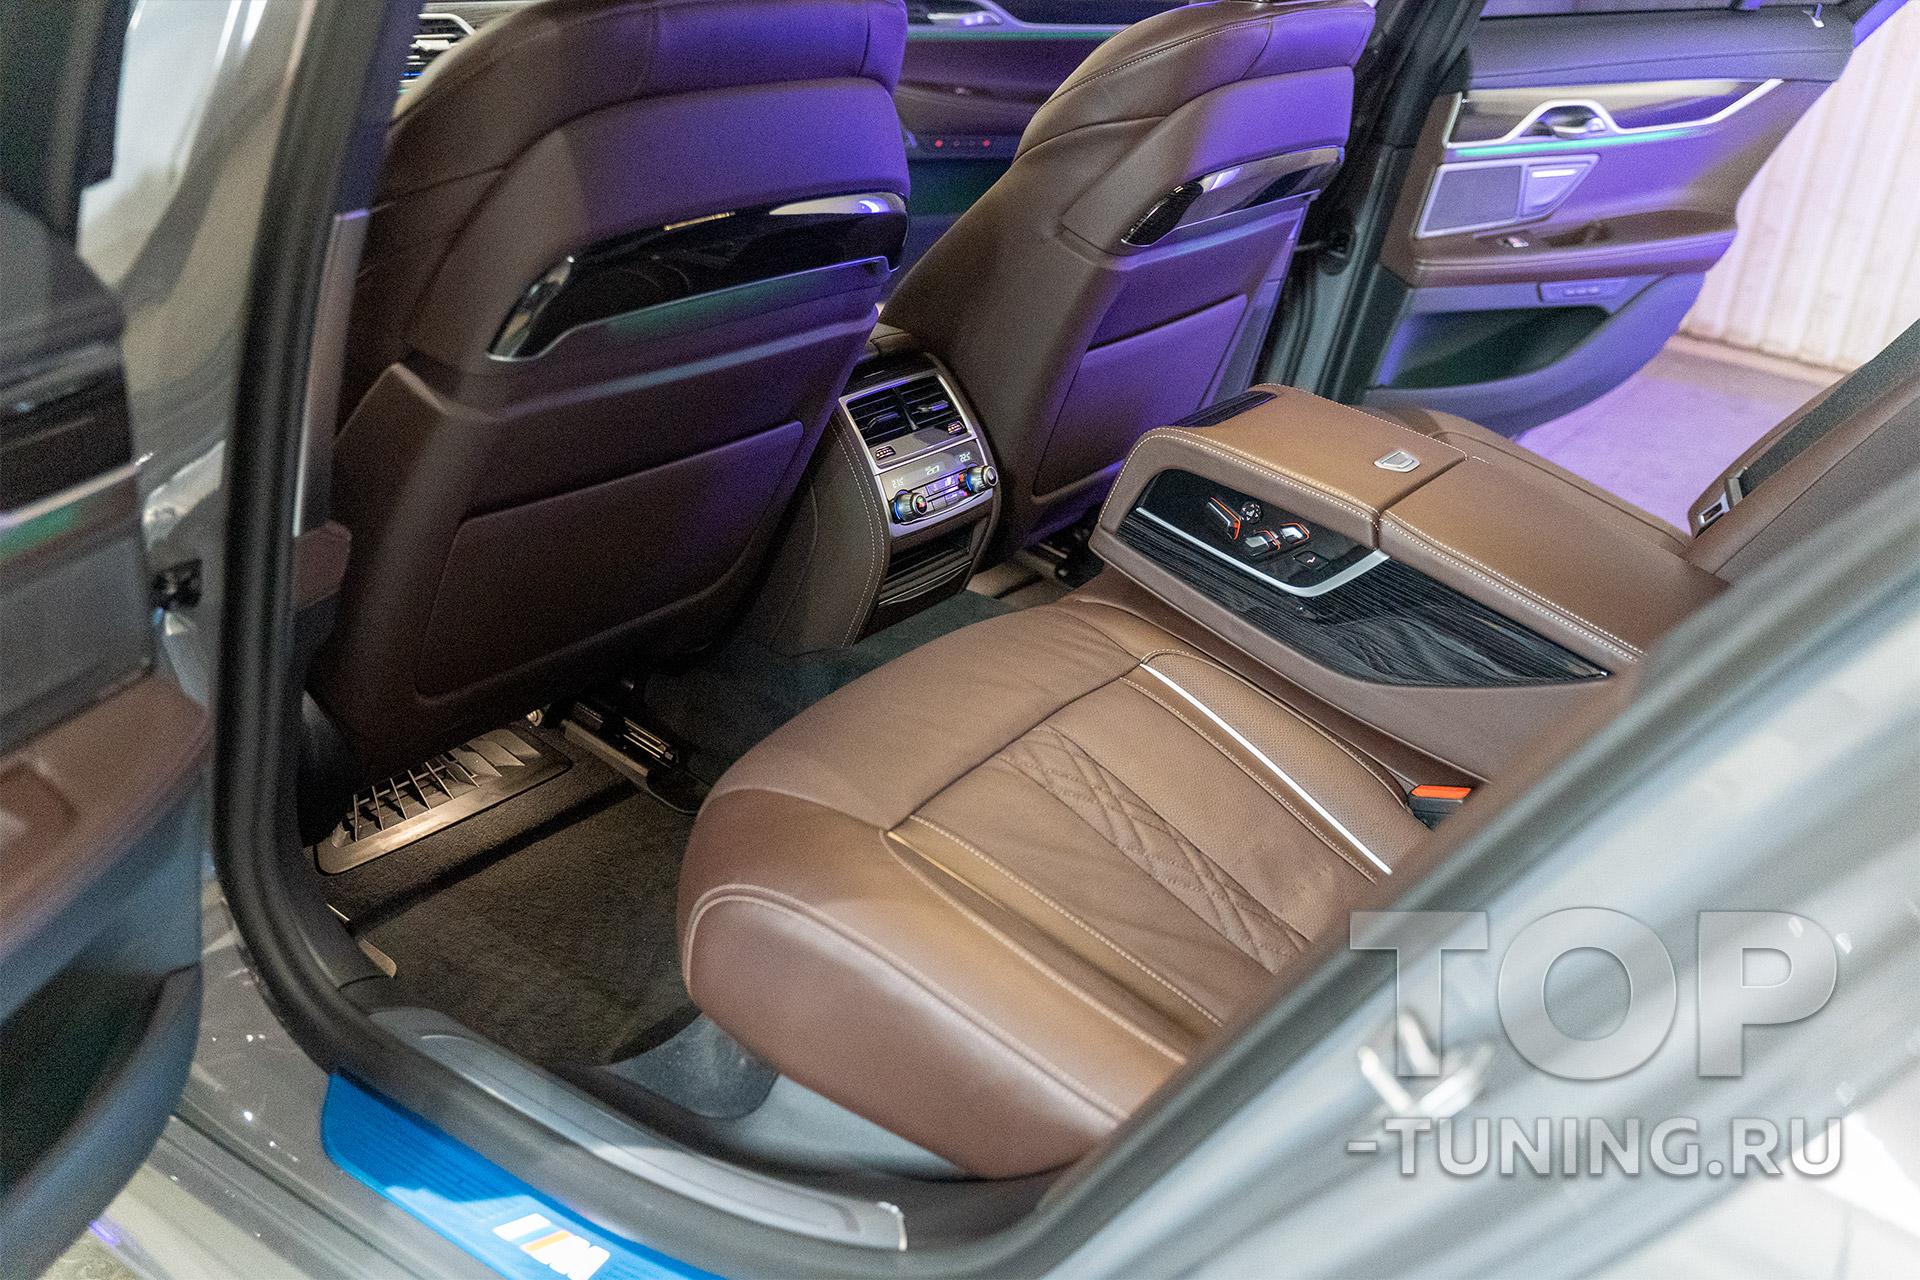 Салон новой БМВ 7 серии – диван, подлокотник пассажиров заднего ряда